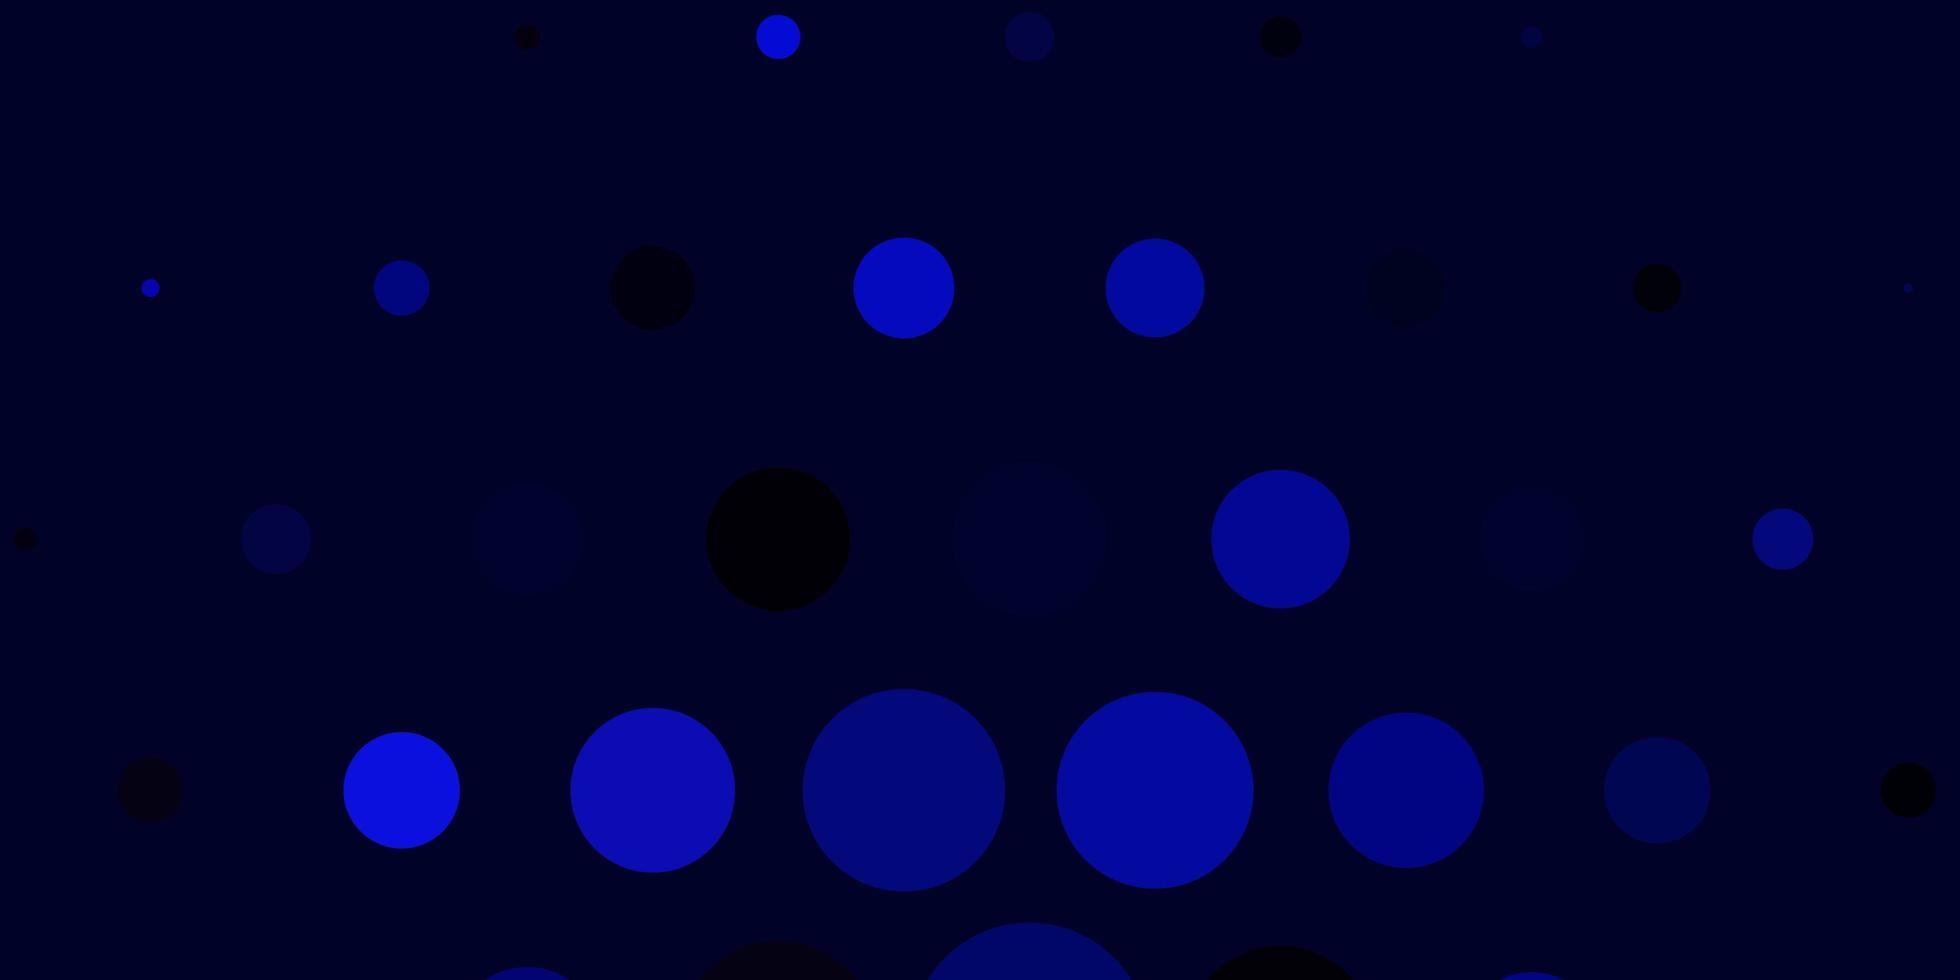 diseño de vector azul oscuro con círculos.